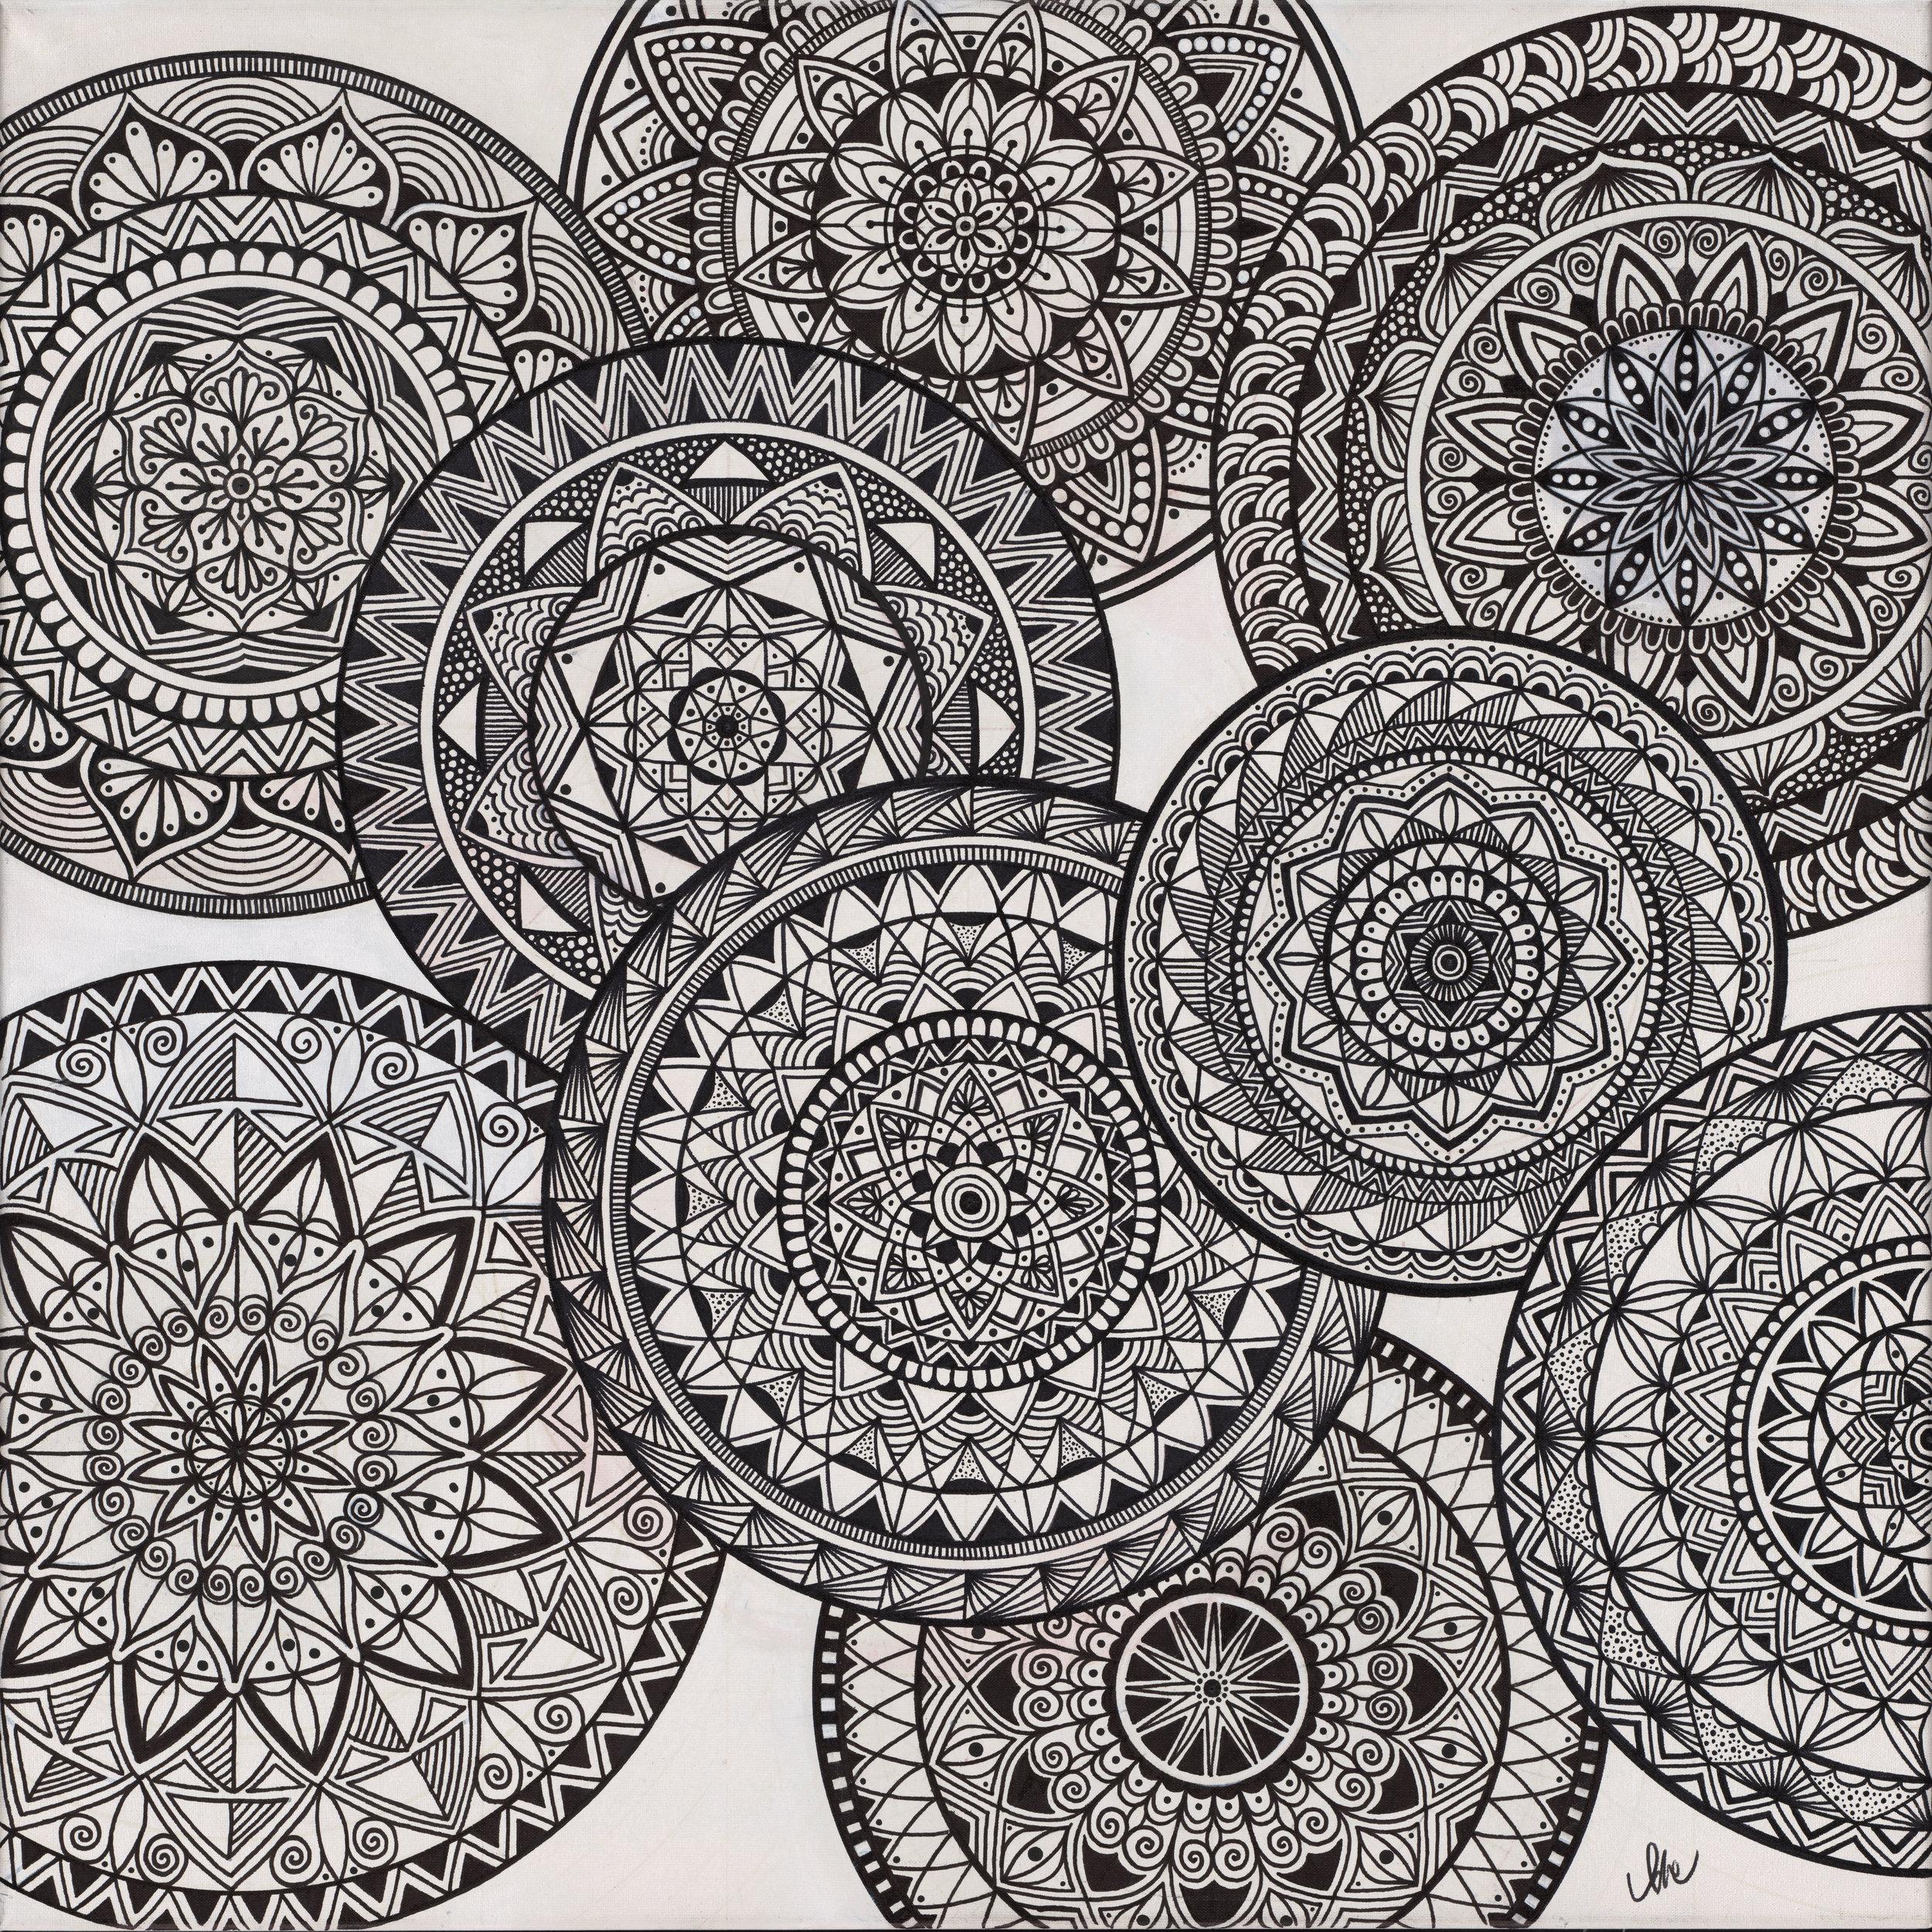 Mandala of 9